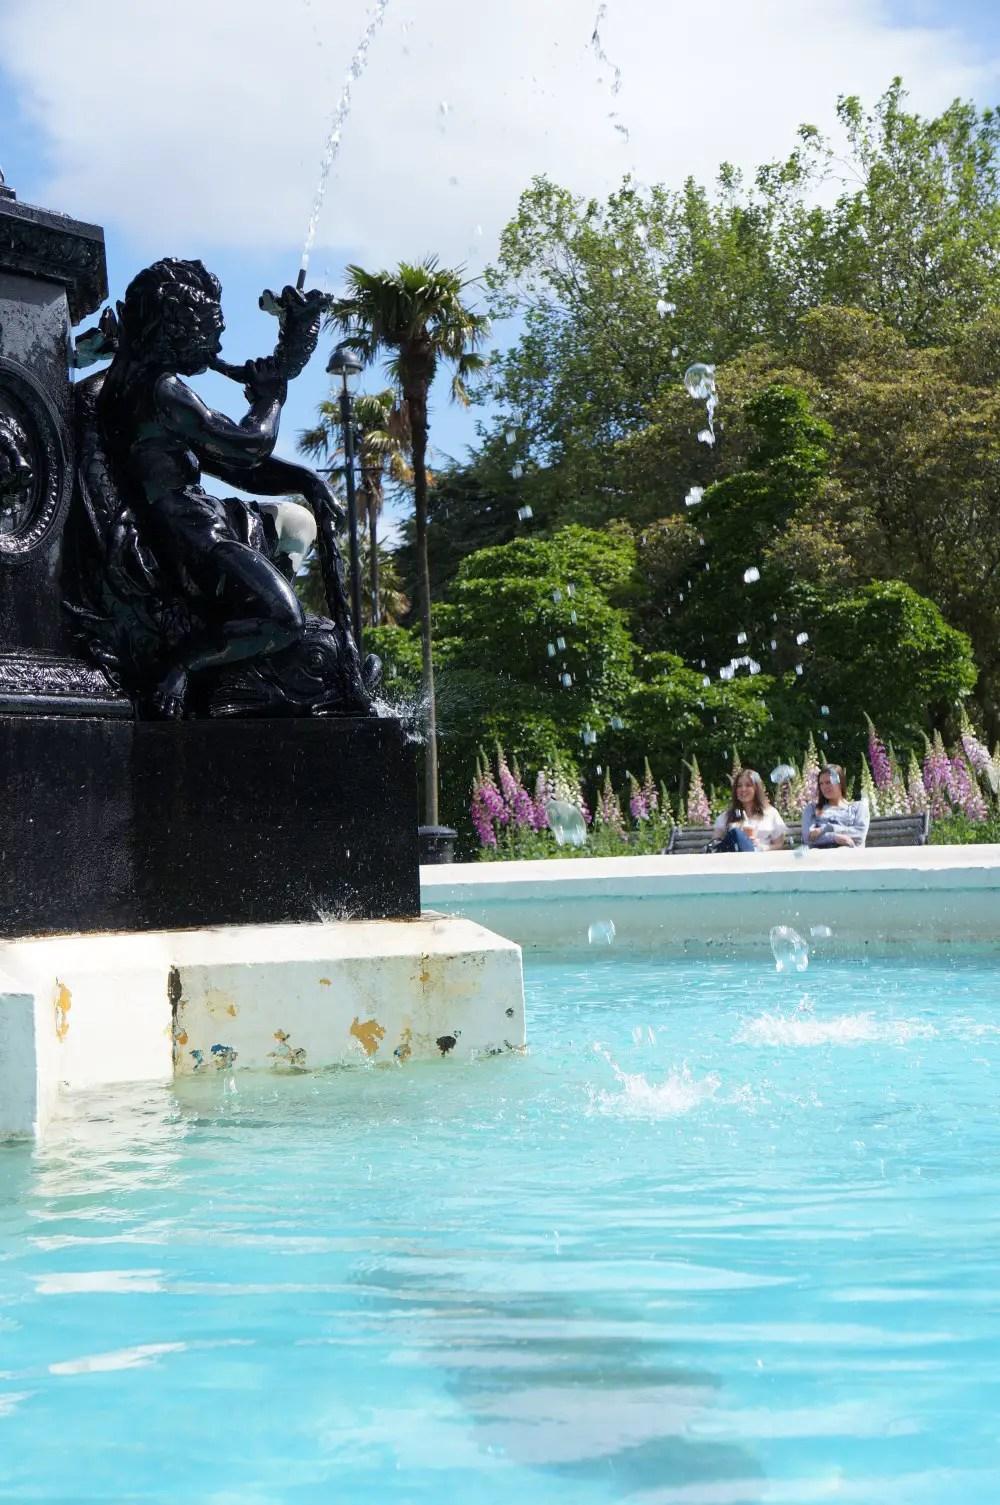 New Zealand Albert Park Fountain